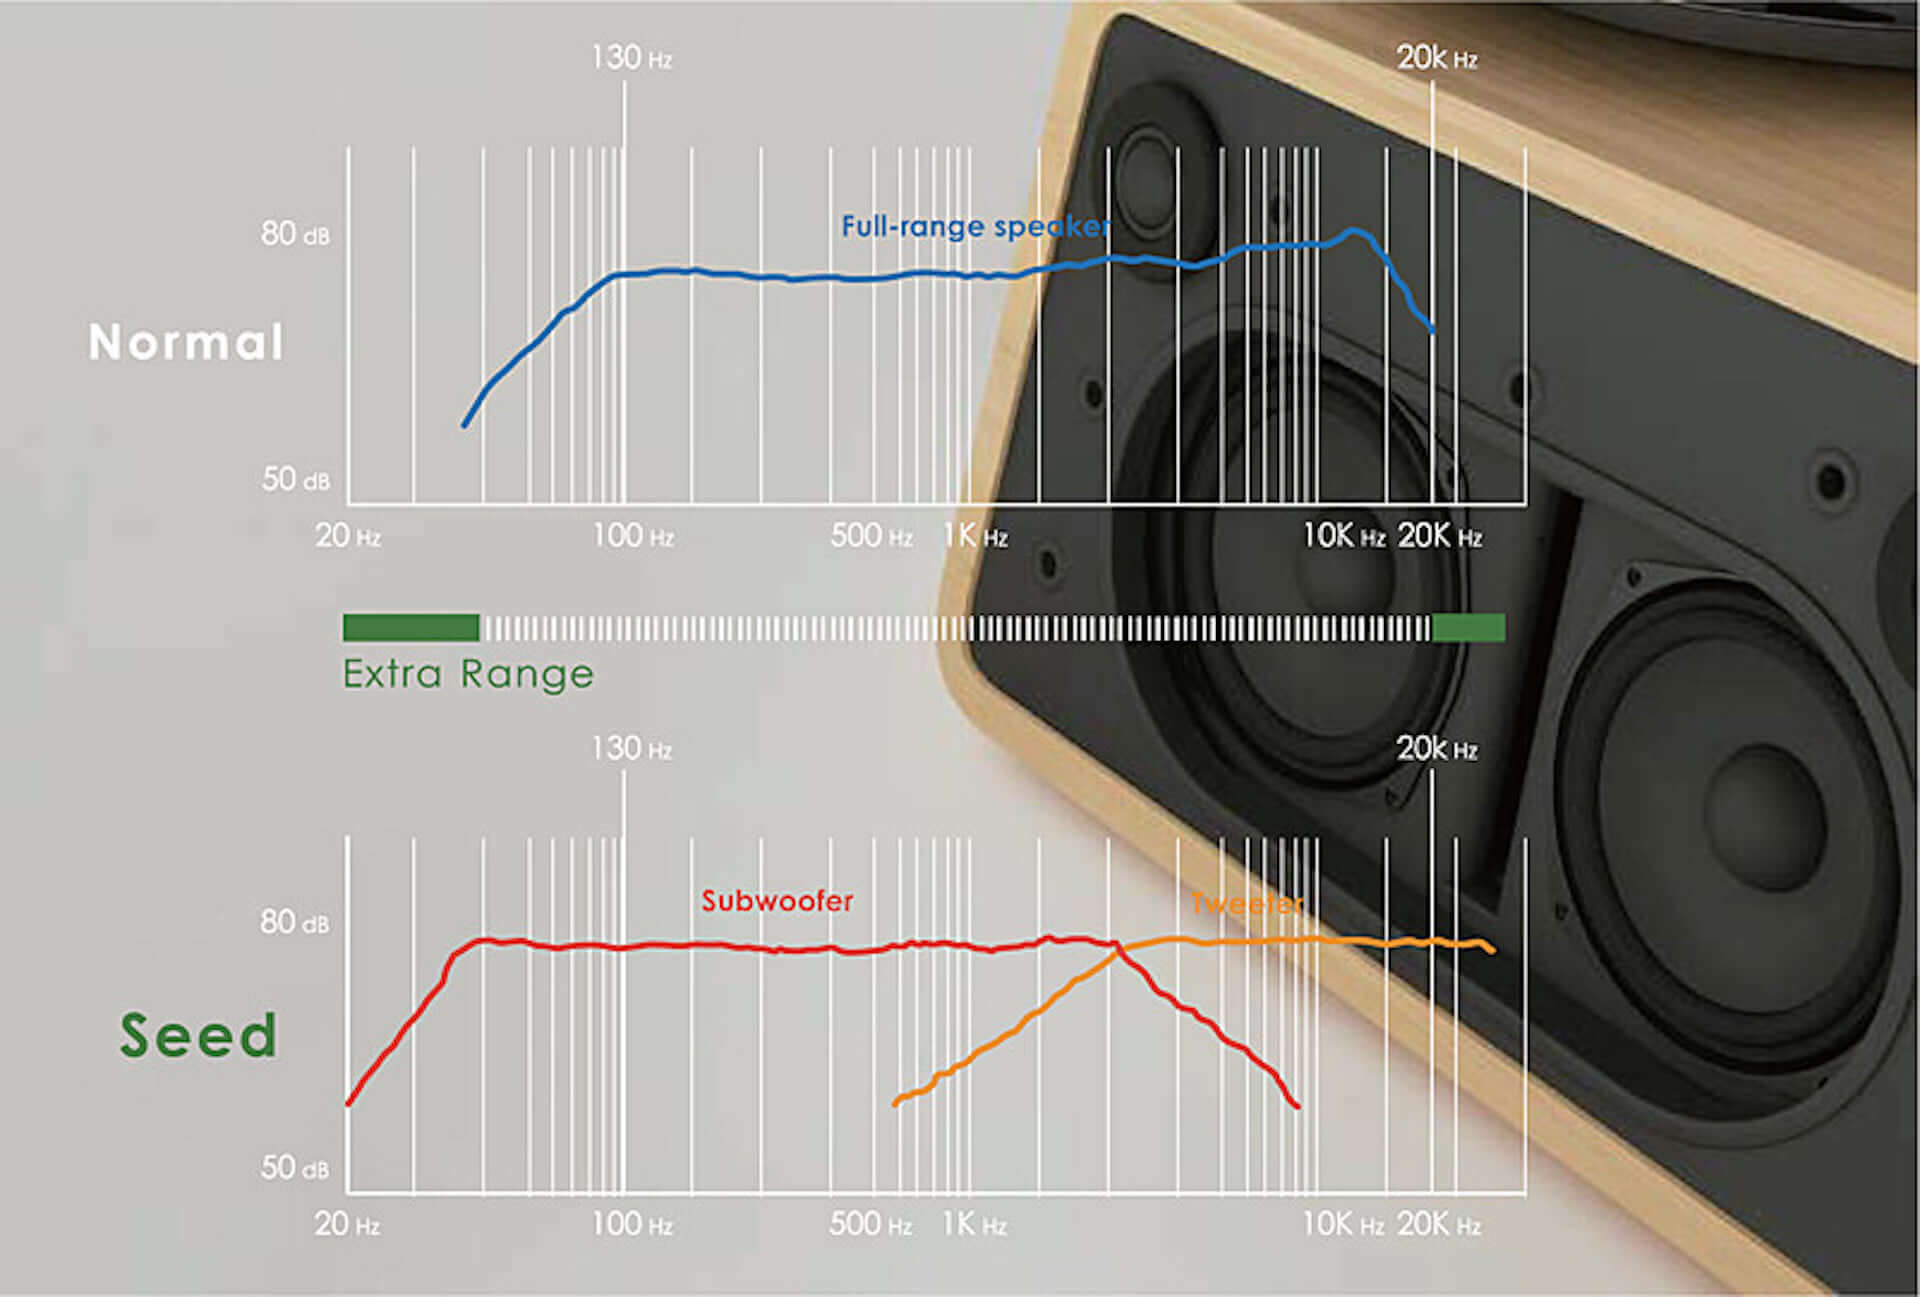 レコードもスマートフォンの音楽もこれ1つで!スピーカー内蔵型レコードプレイヤーがGLOTURE.JPにて販売開始 tech200520_hymseed_13-1920x1297